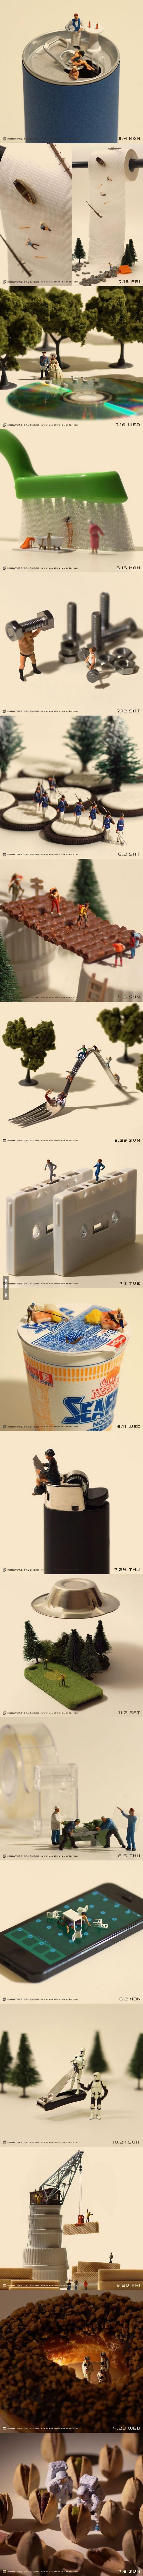 Tanaka Tatsuya ha combinado objetos cotidianos y personas en miniatura